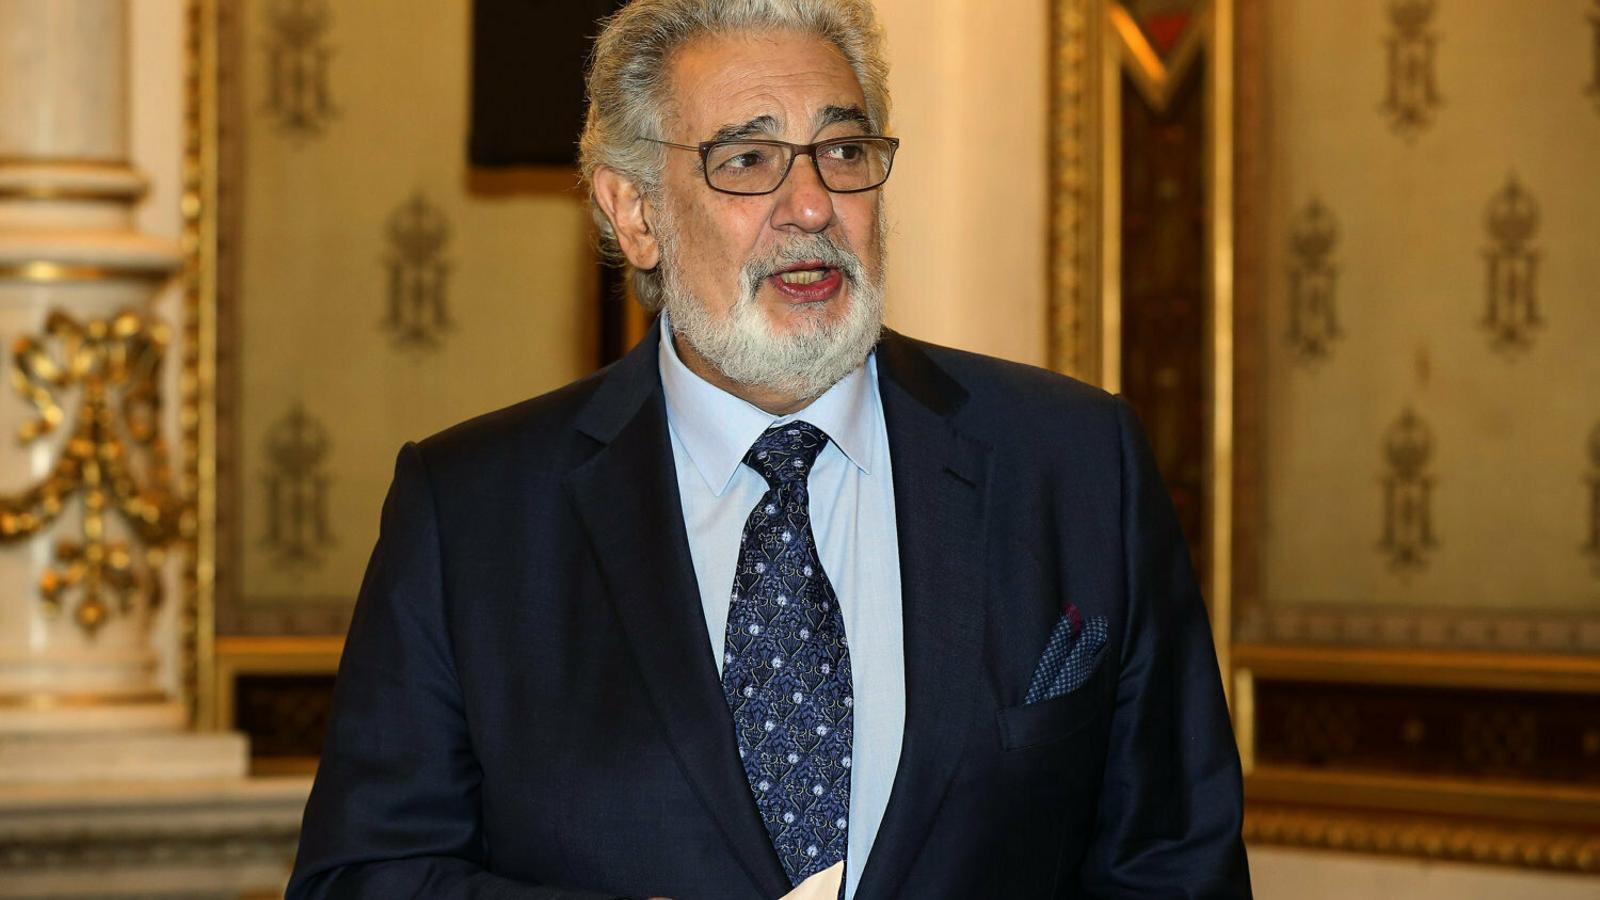 El Teatro de la Zarzuela suspèn les actuacions de Plácido Domingo